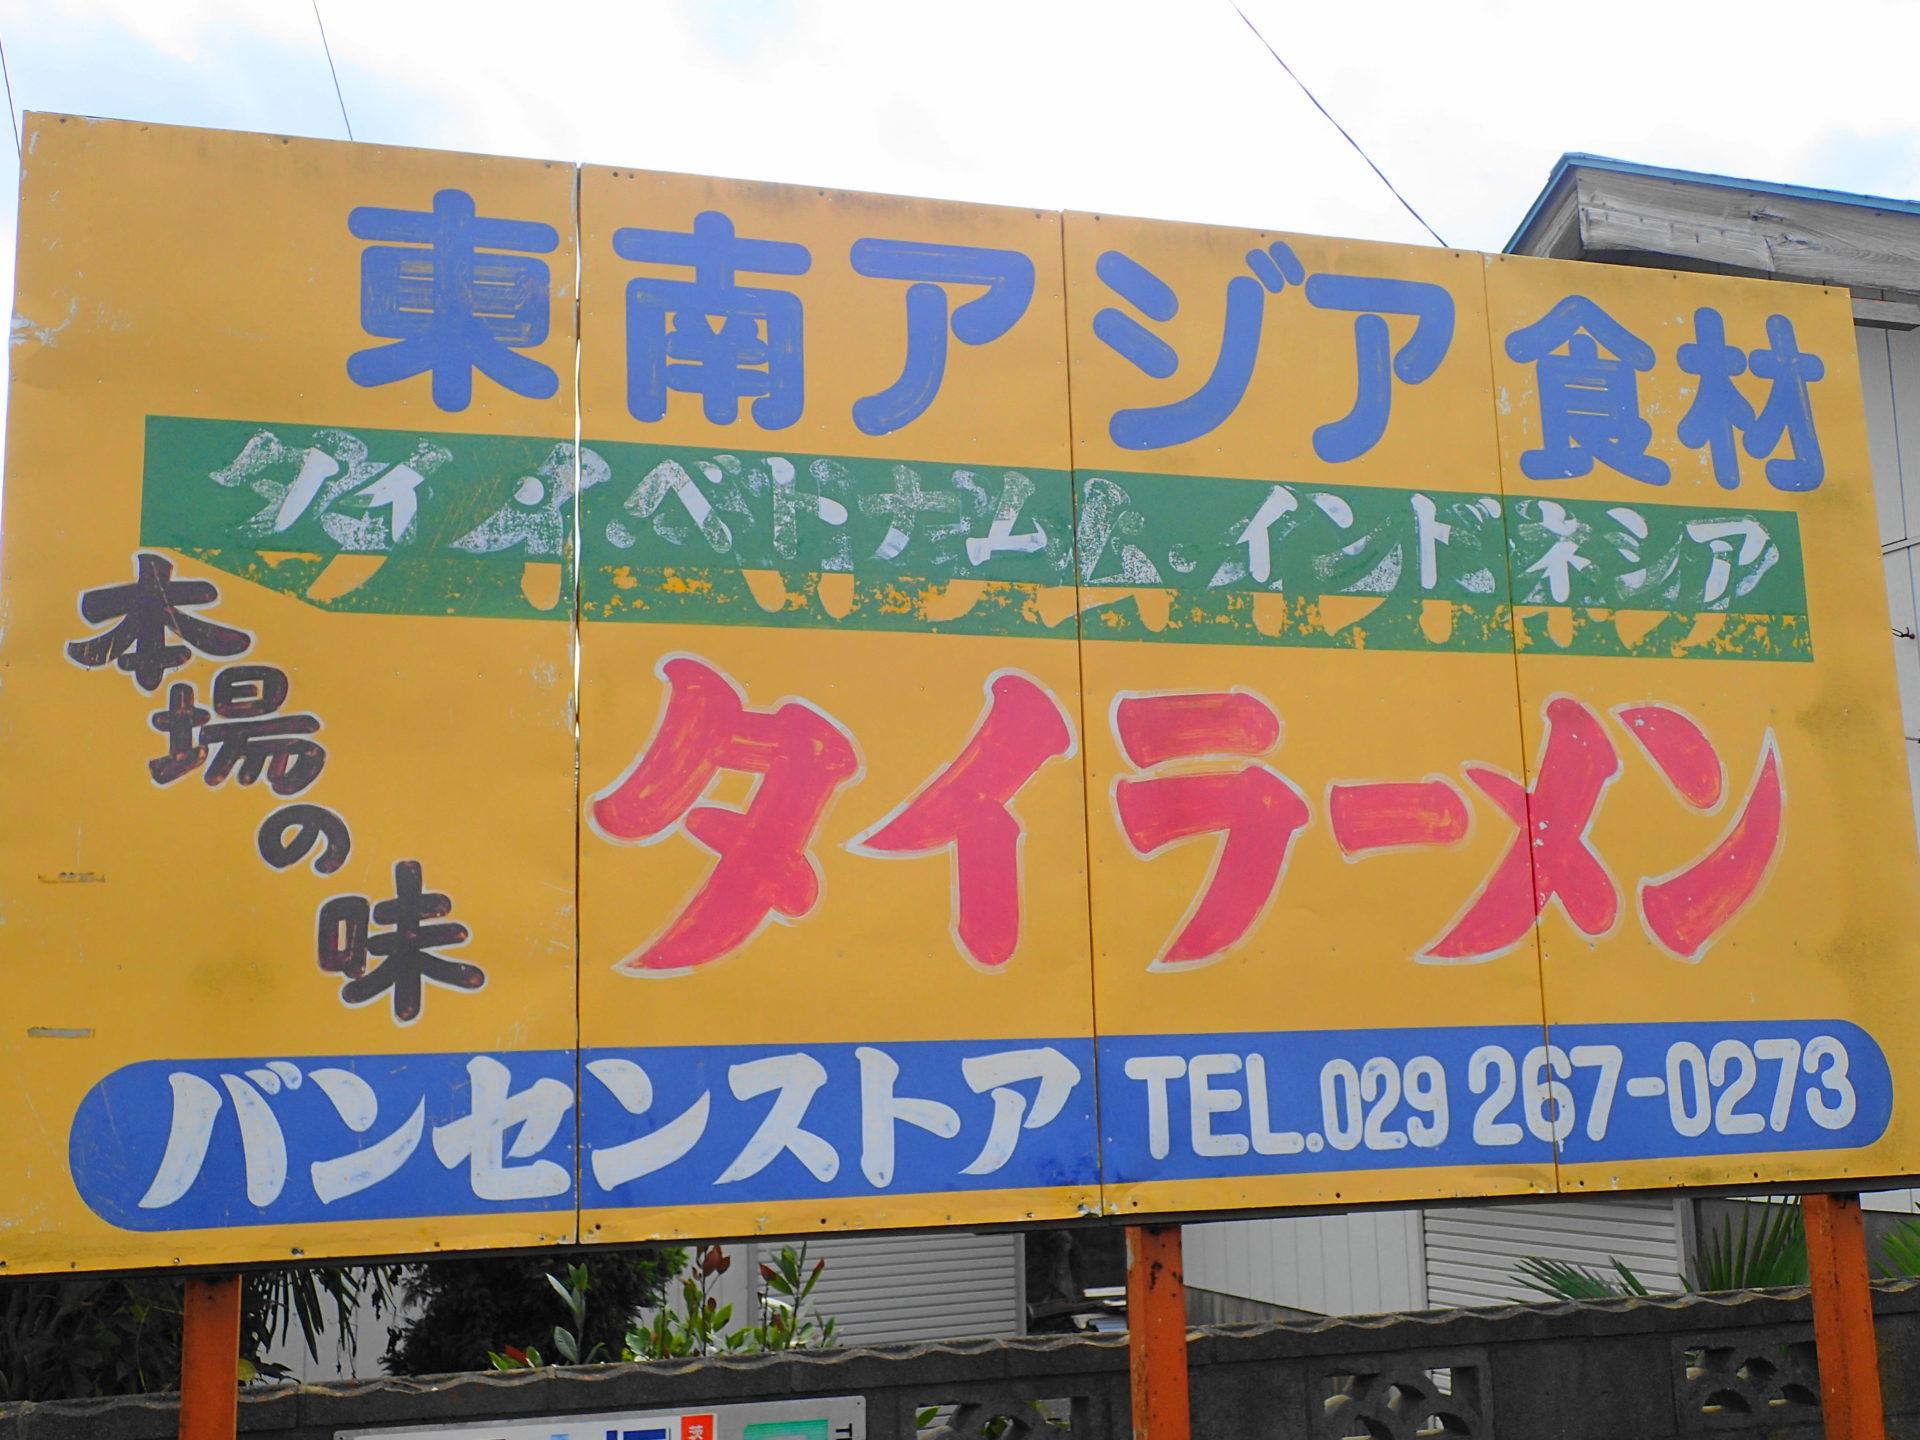 茨城>異国の料理 アーカイブ - いばらじお♪ 茨城のエスニック料理店紹介